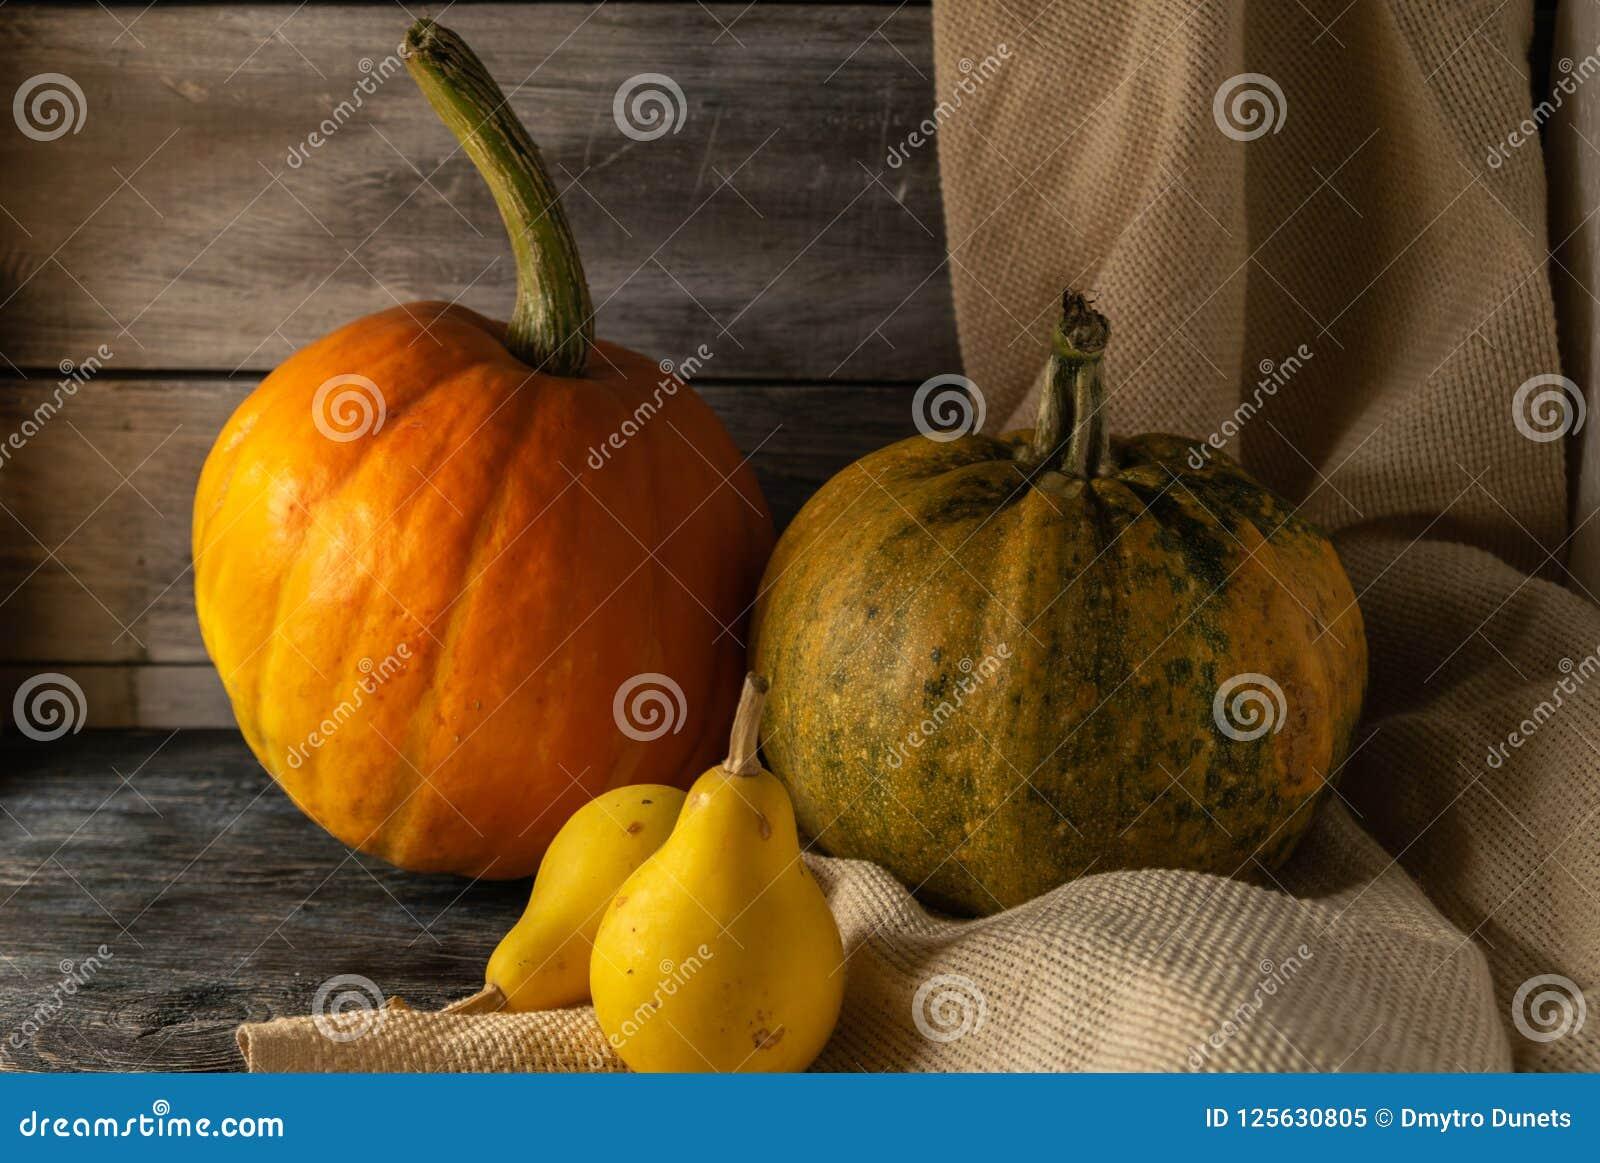 Stilleven van de herfstpompoenen van diverse grootte Op een houten achtergrond